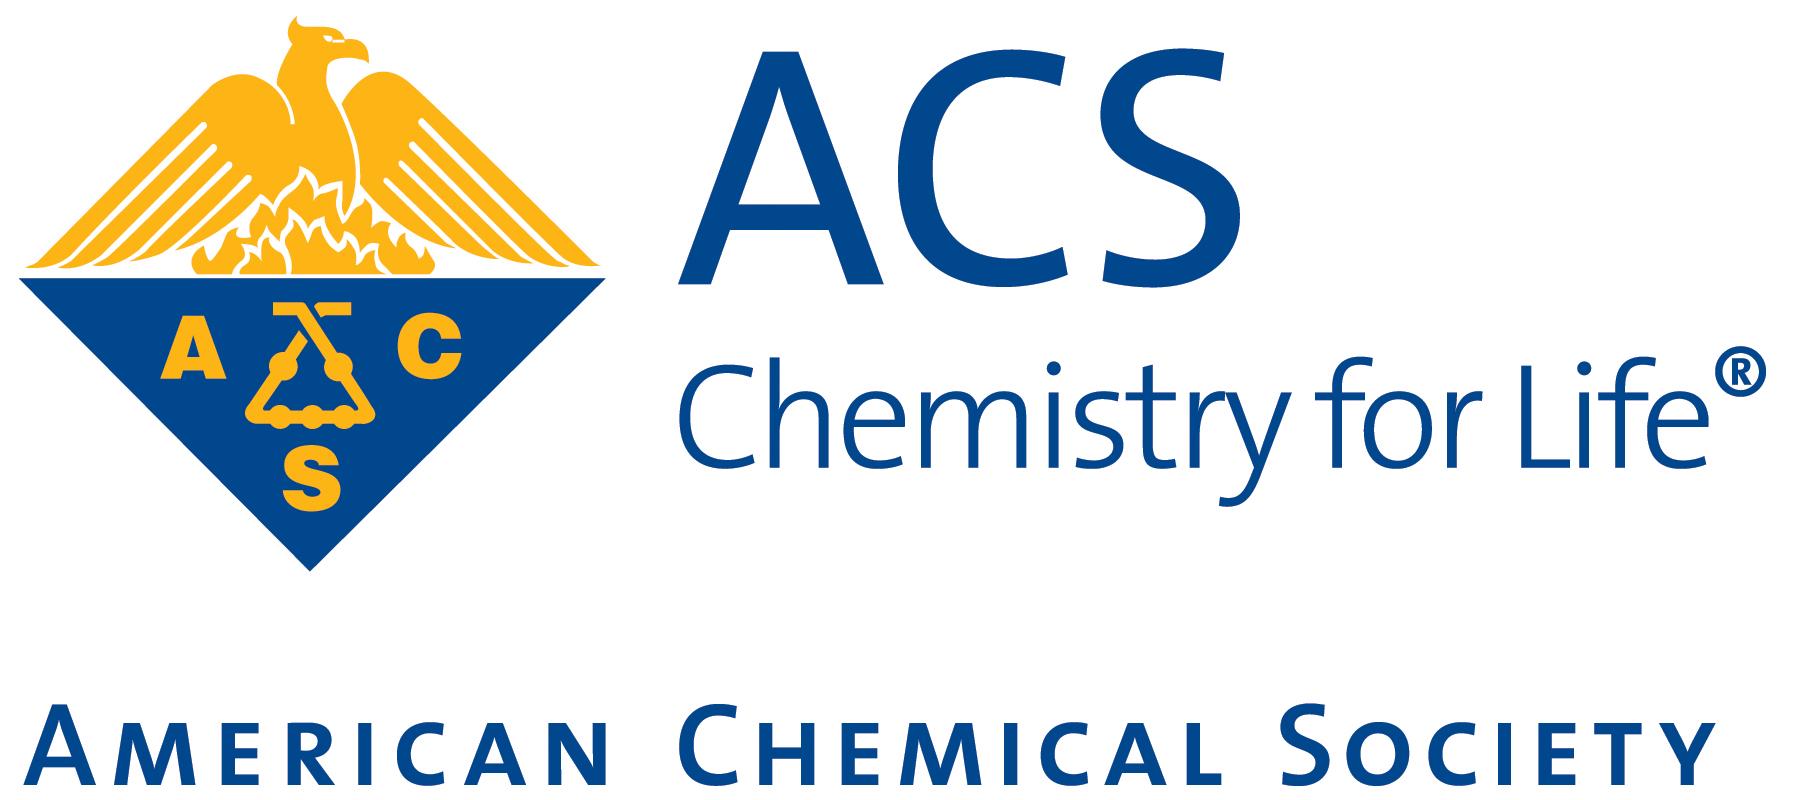 اکانت رایگان برای دسرسی به American Chemical Society